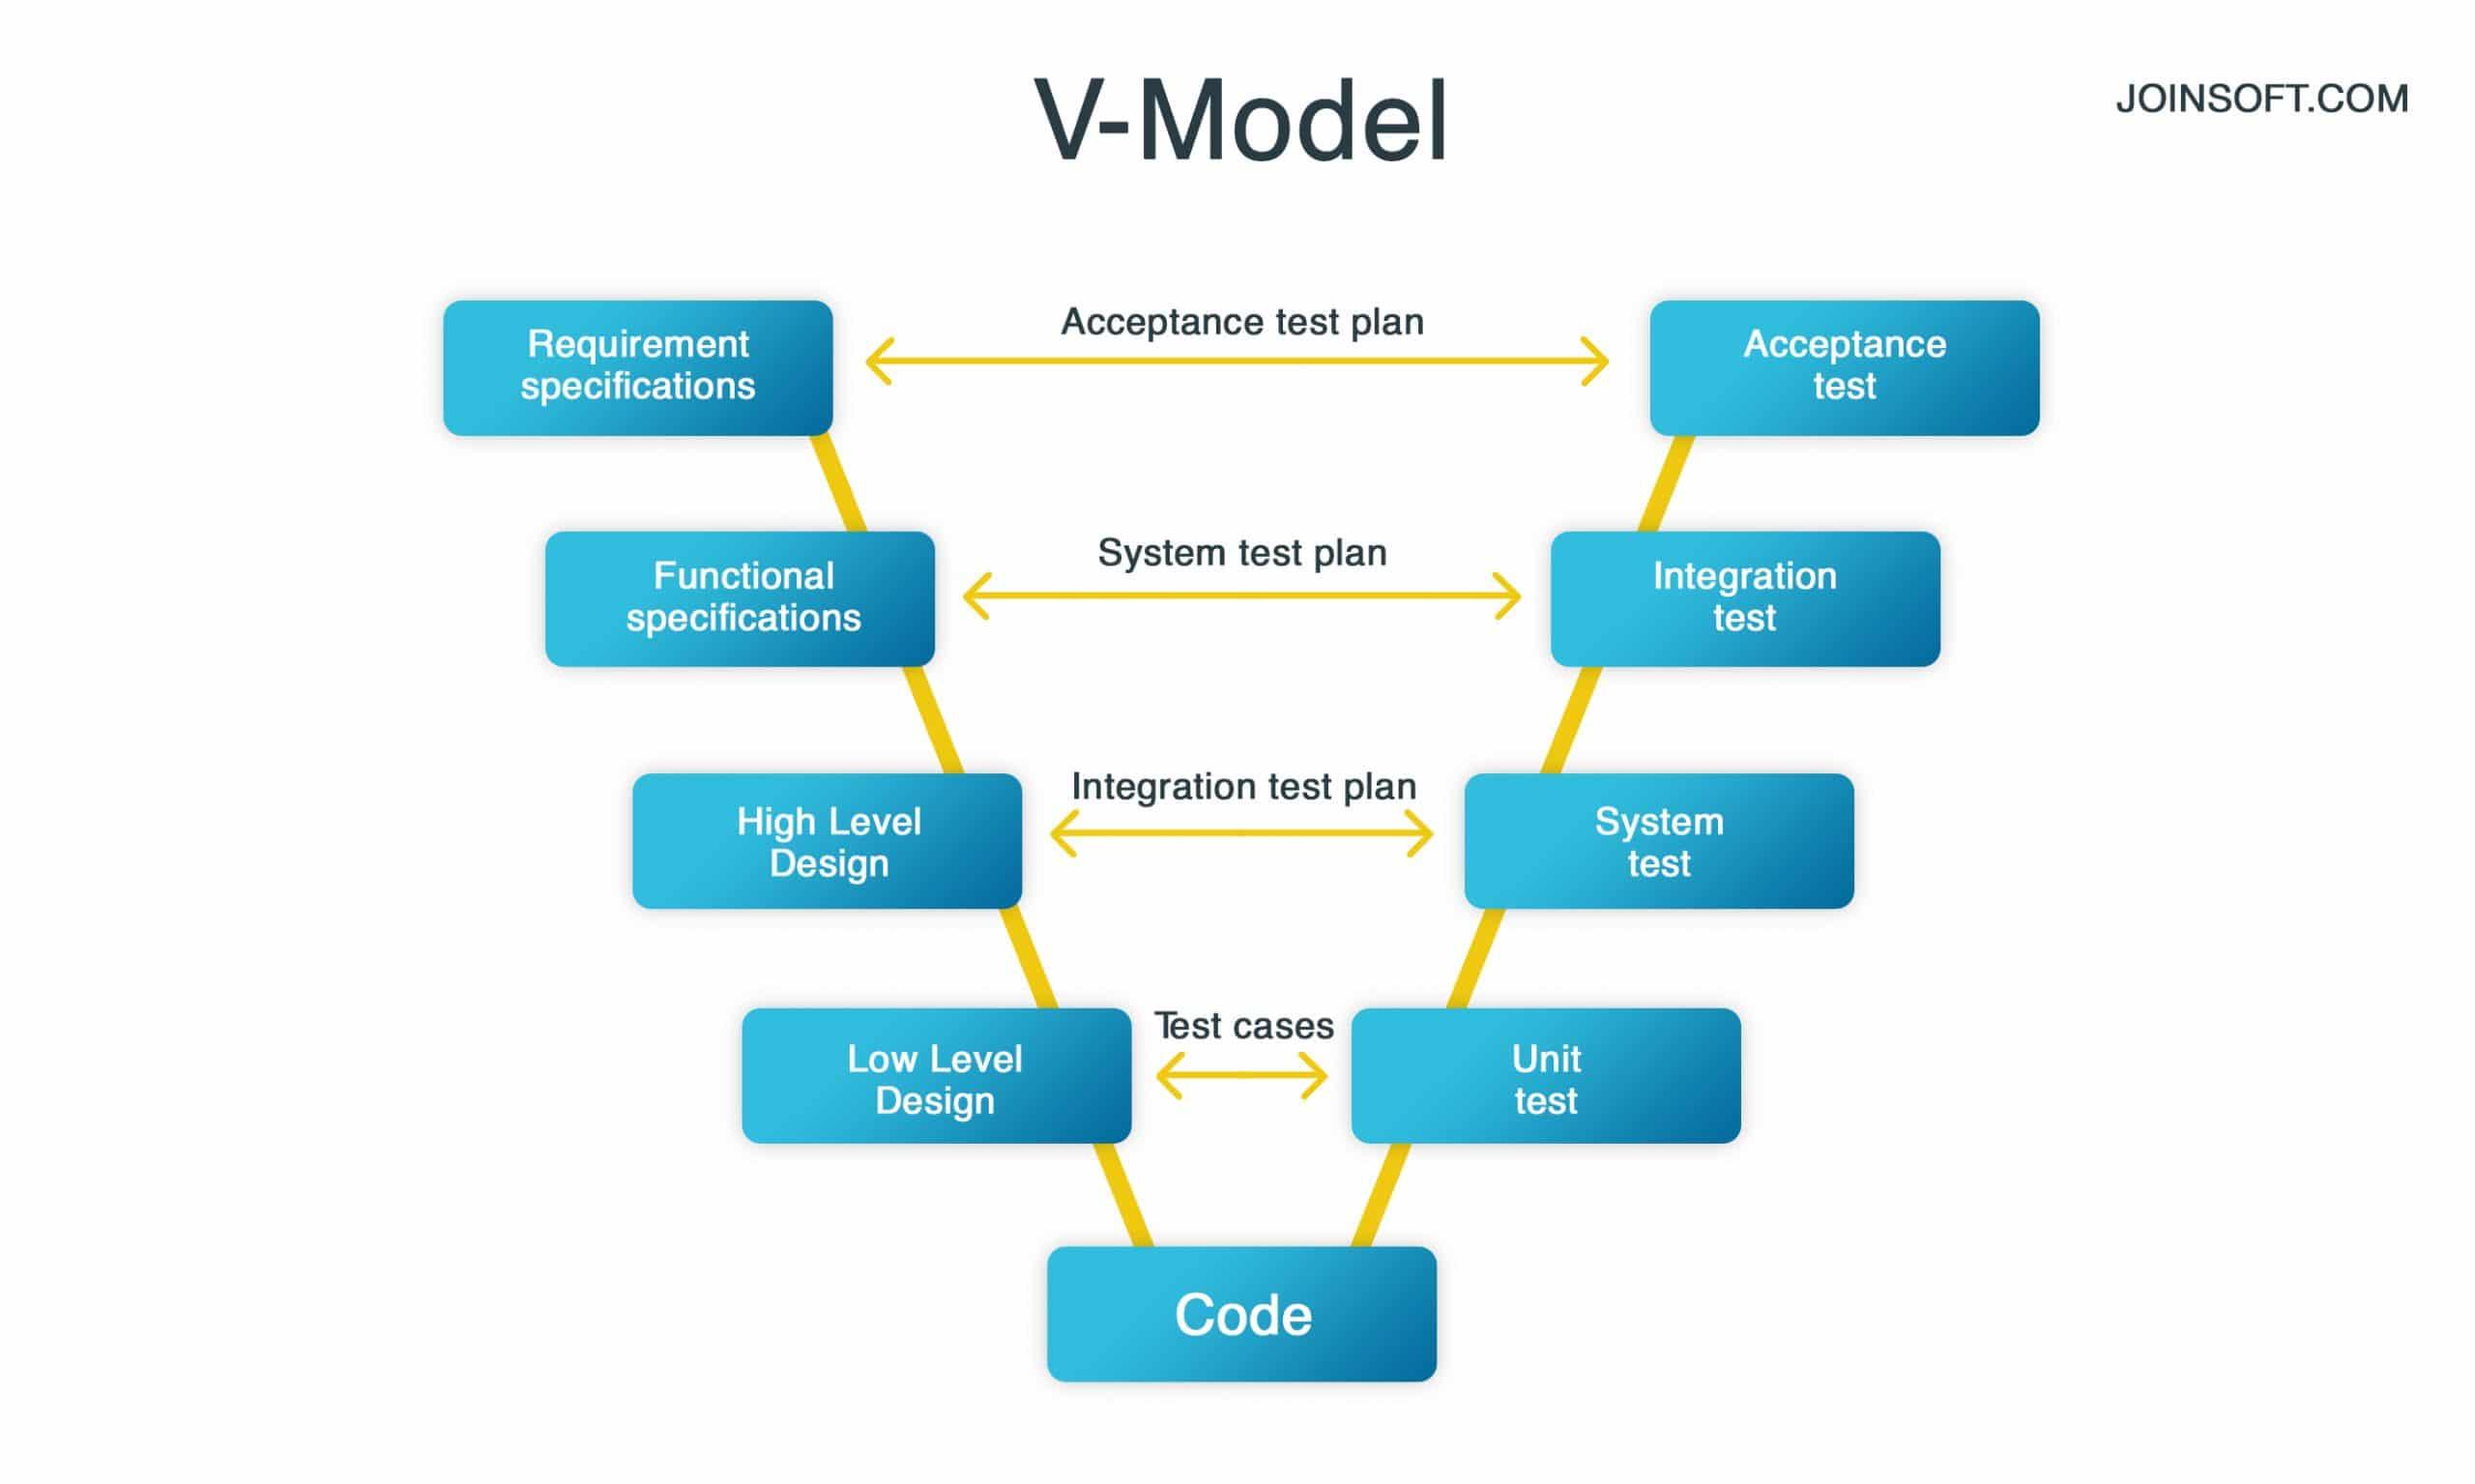 V-Model Software Development Guide